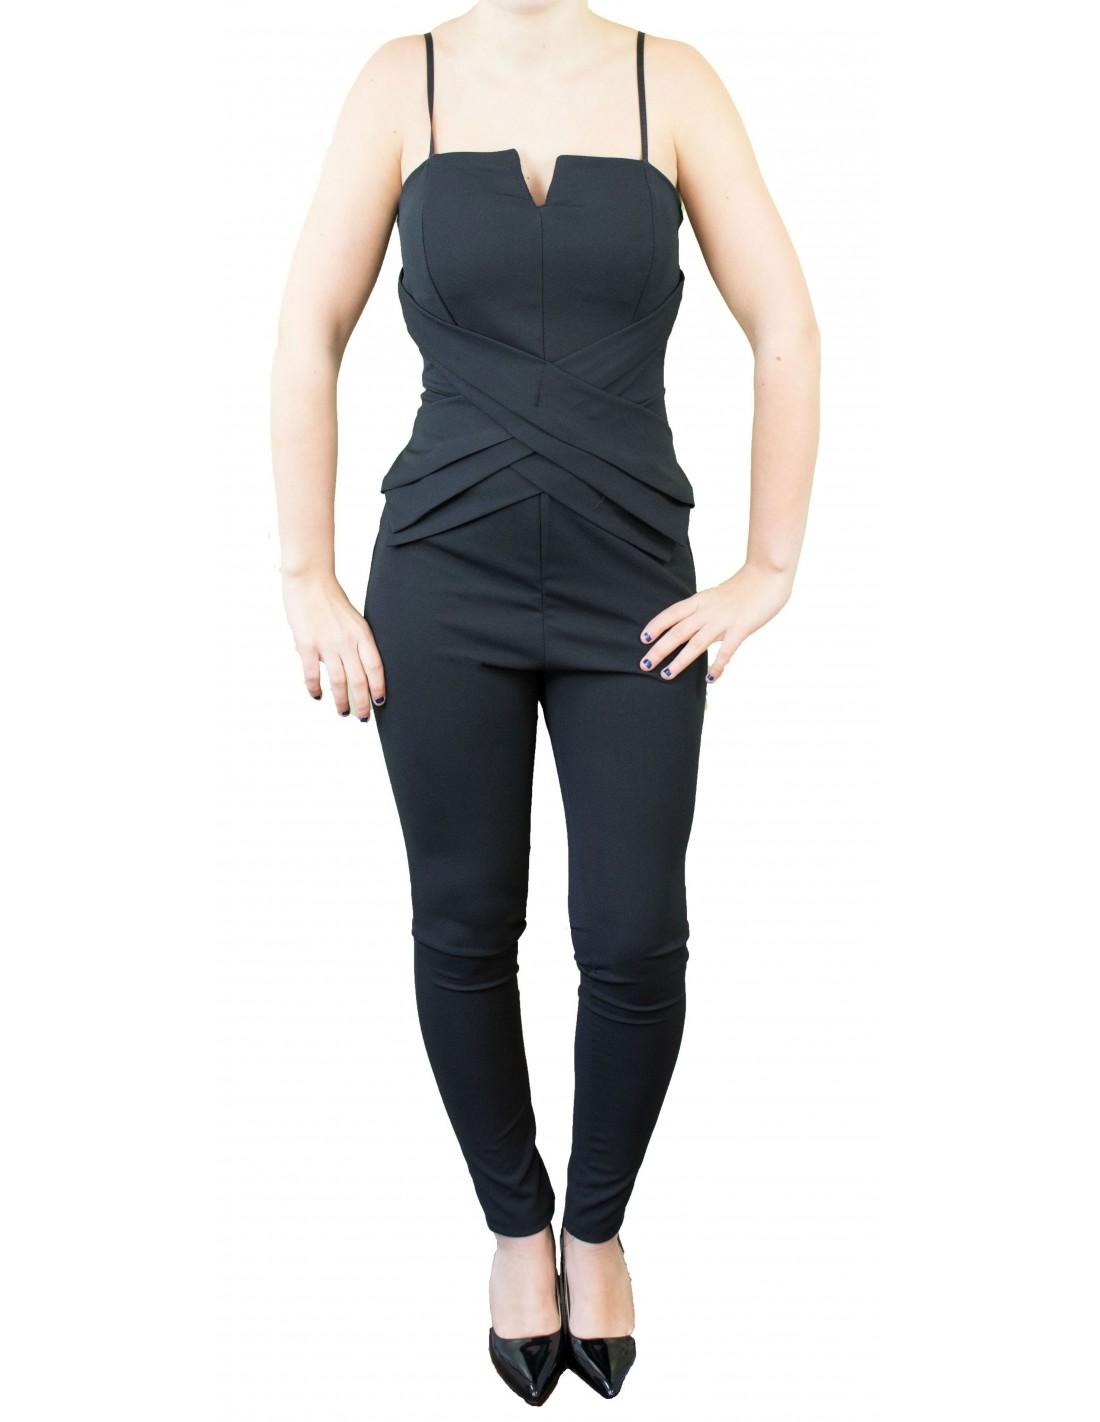 Combinaison femme noire moulante type bustier   fines bretelles ajustables b922b28976f6